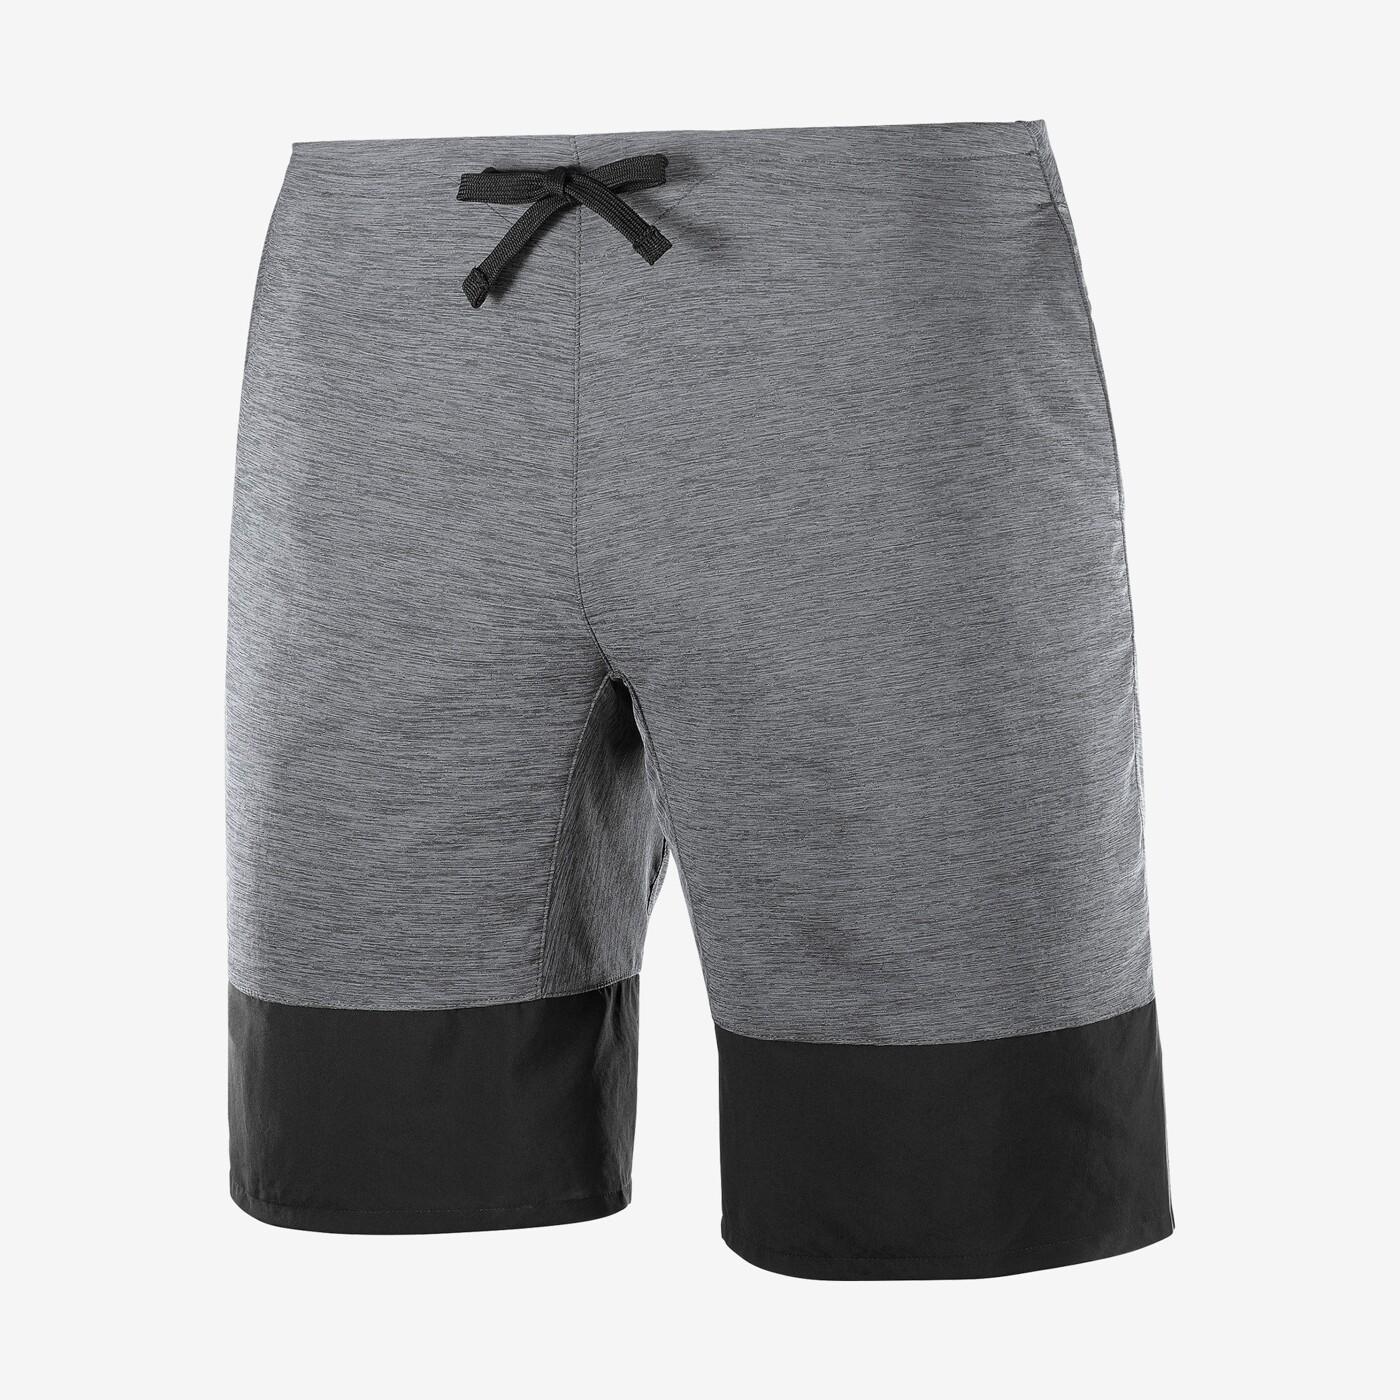 SALOMON XA TRAINING - Shorts - Herren